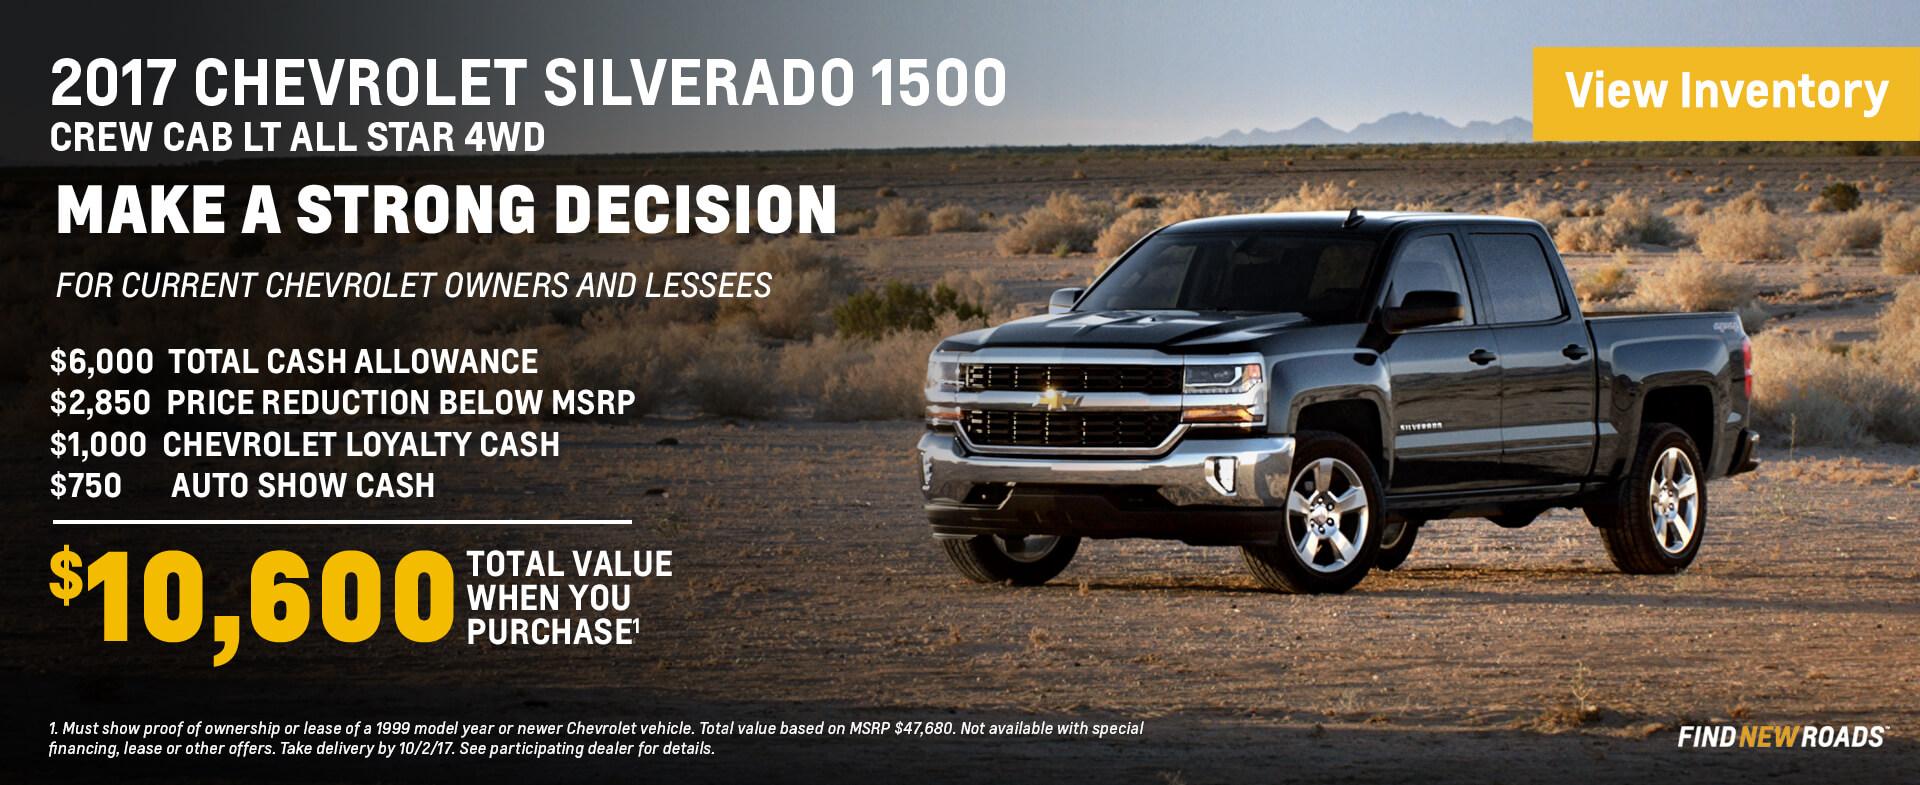 2017 Silverado 1500